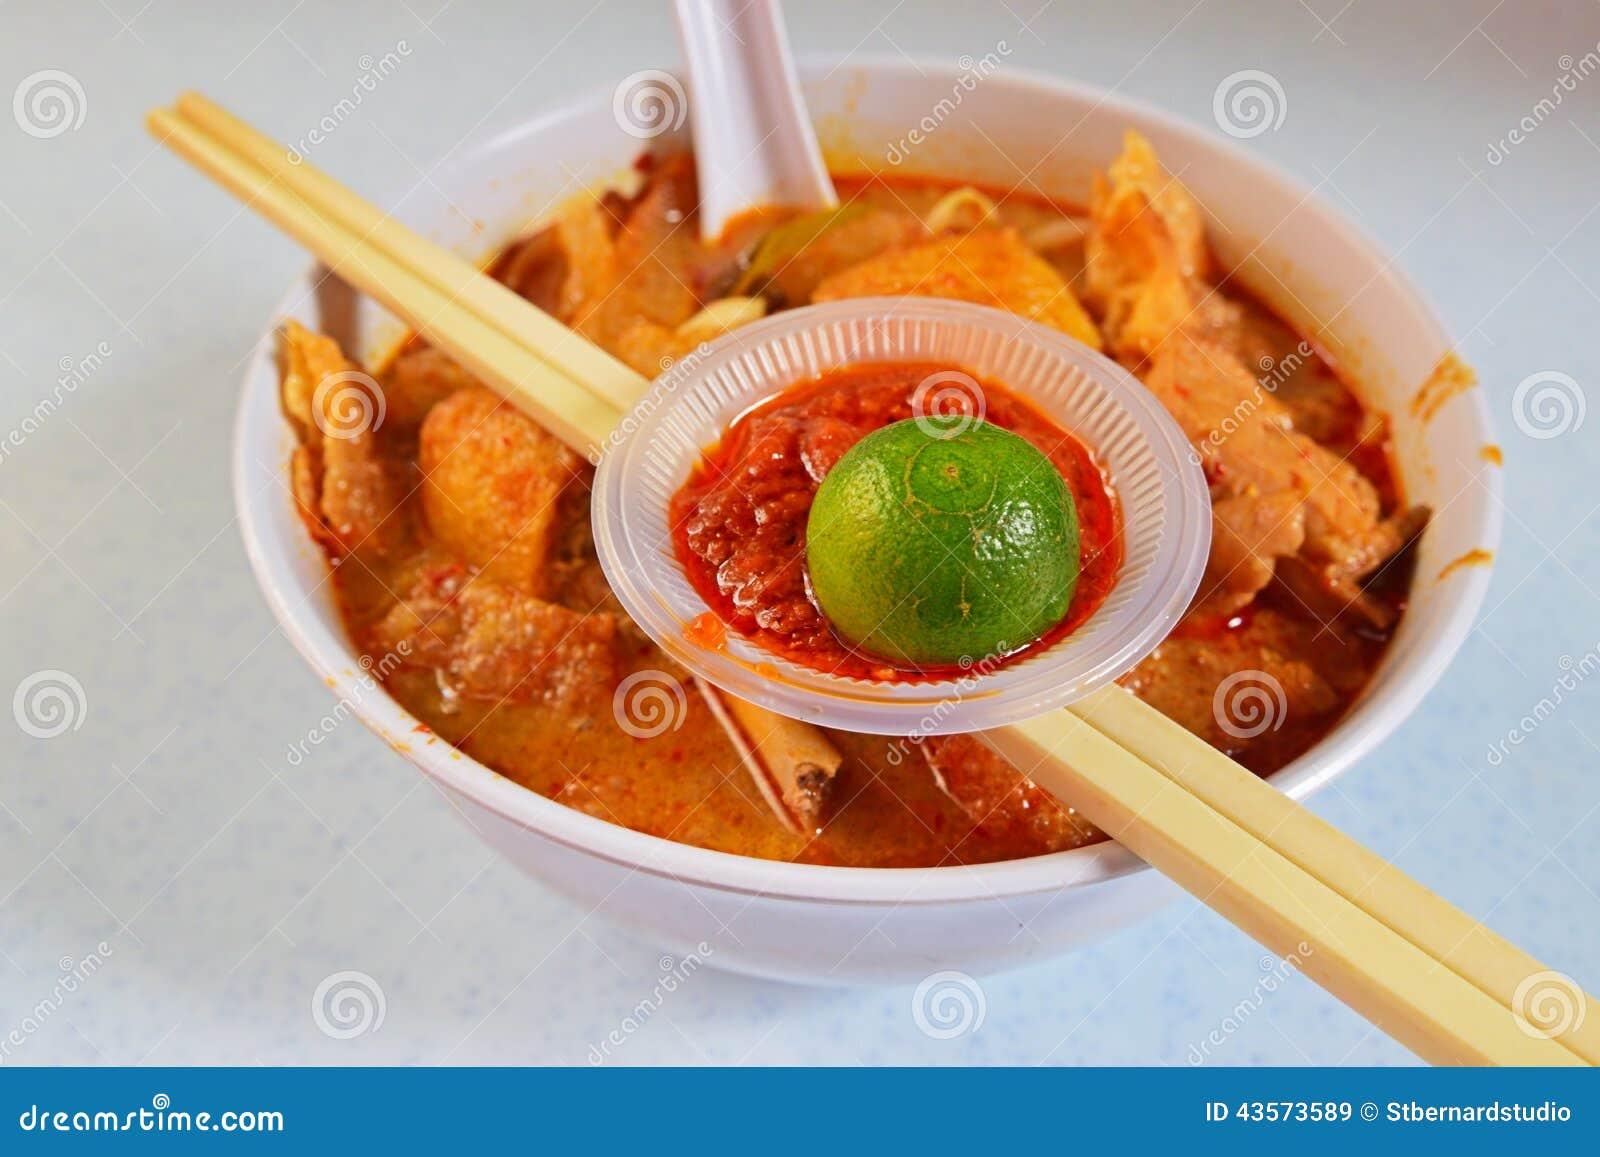 Typical Thai Food Ingredients